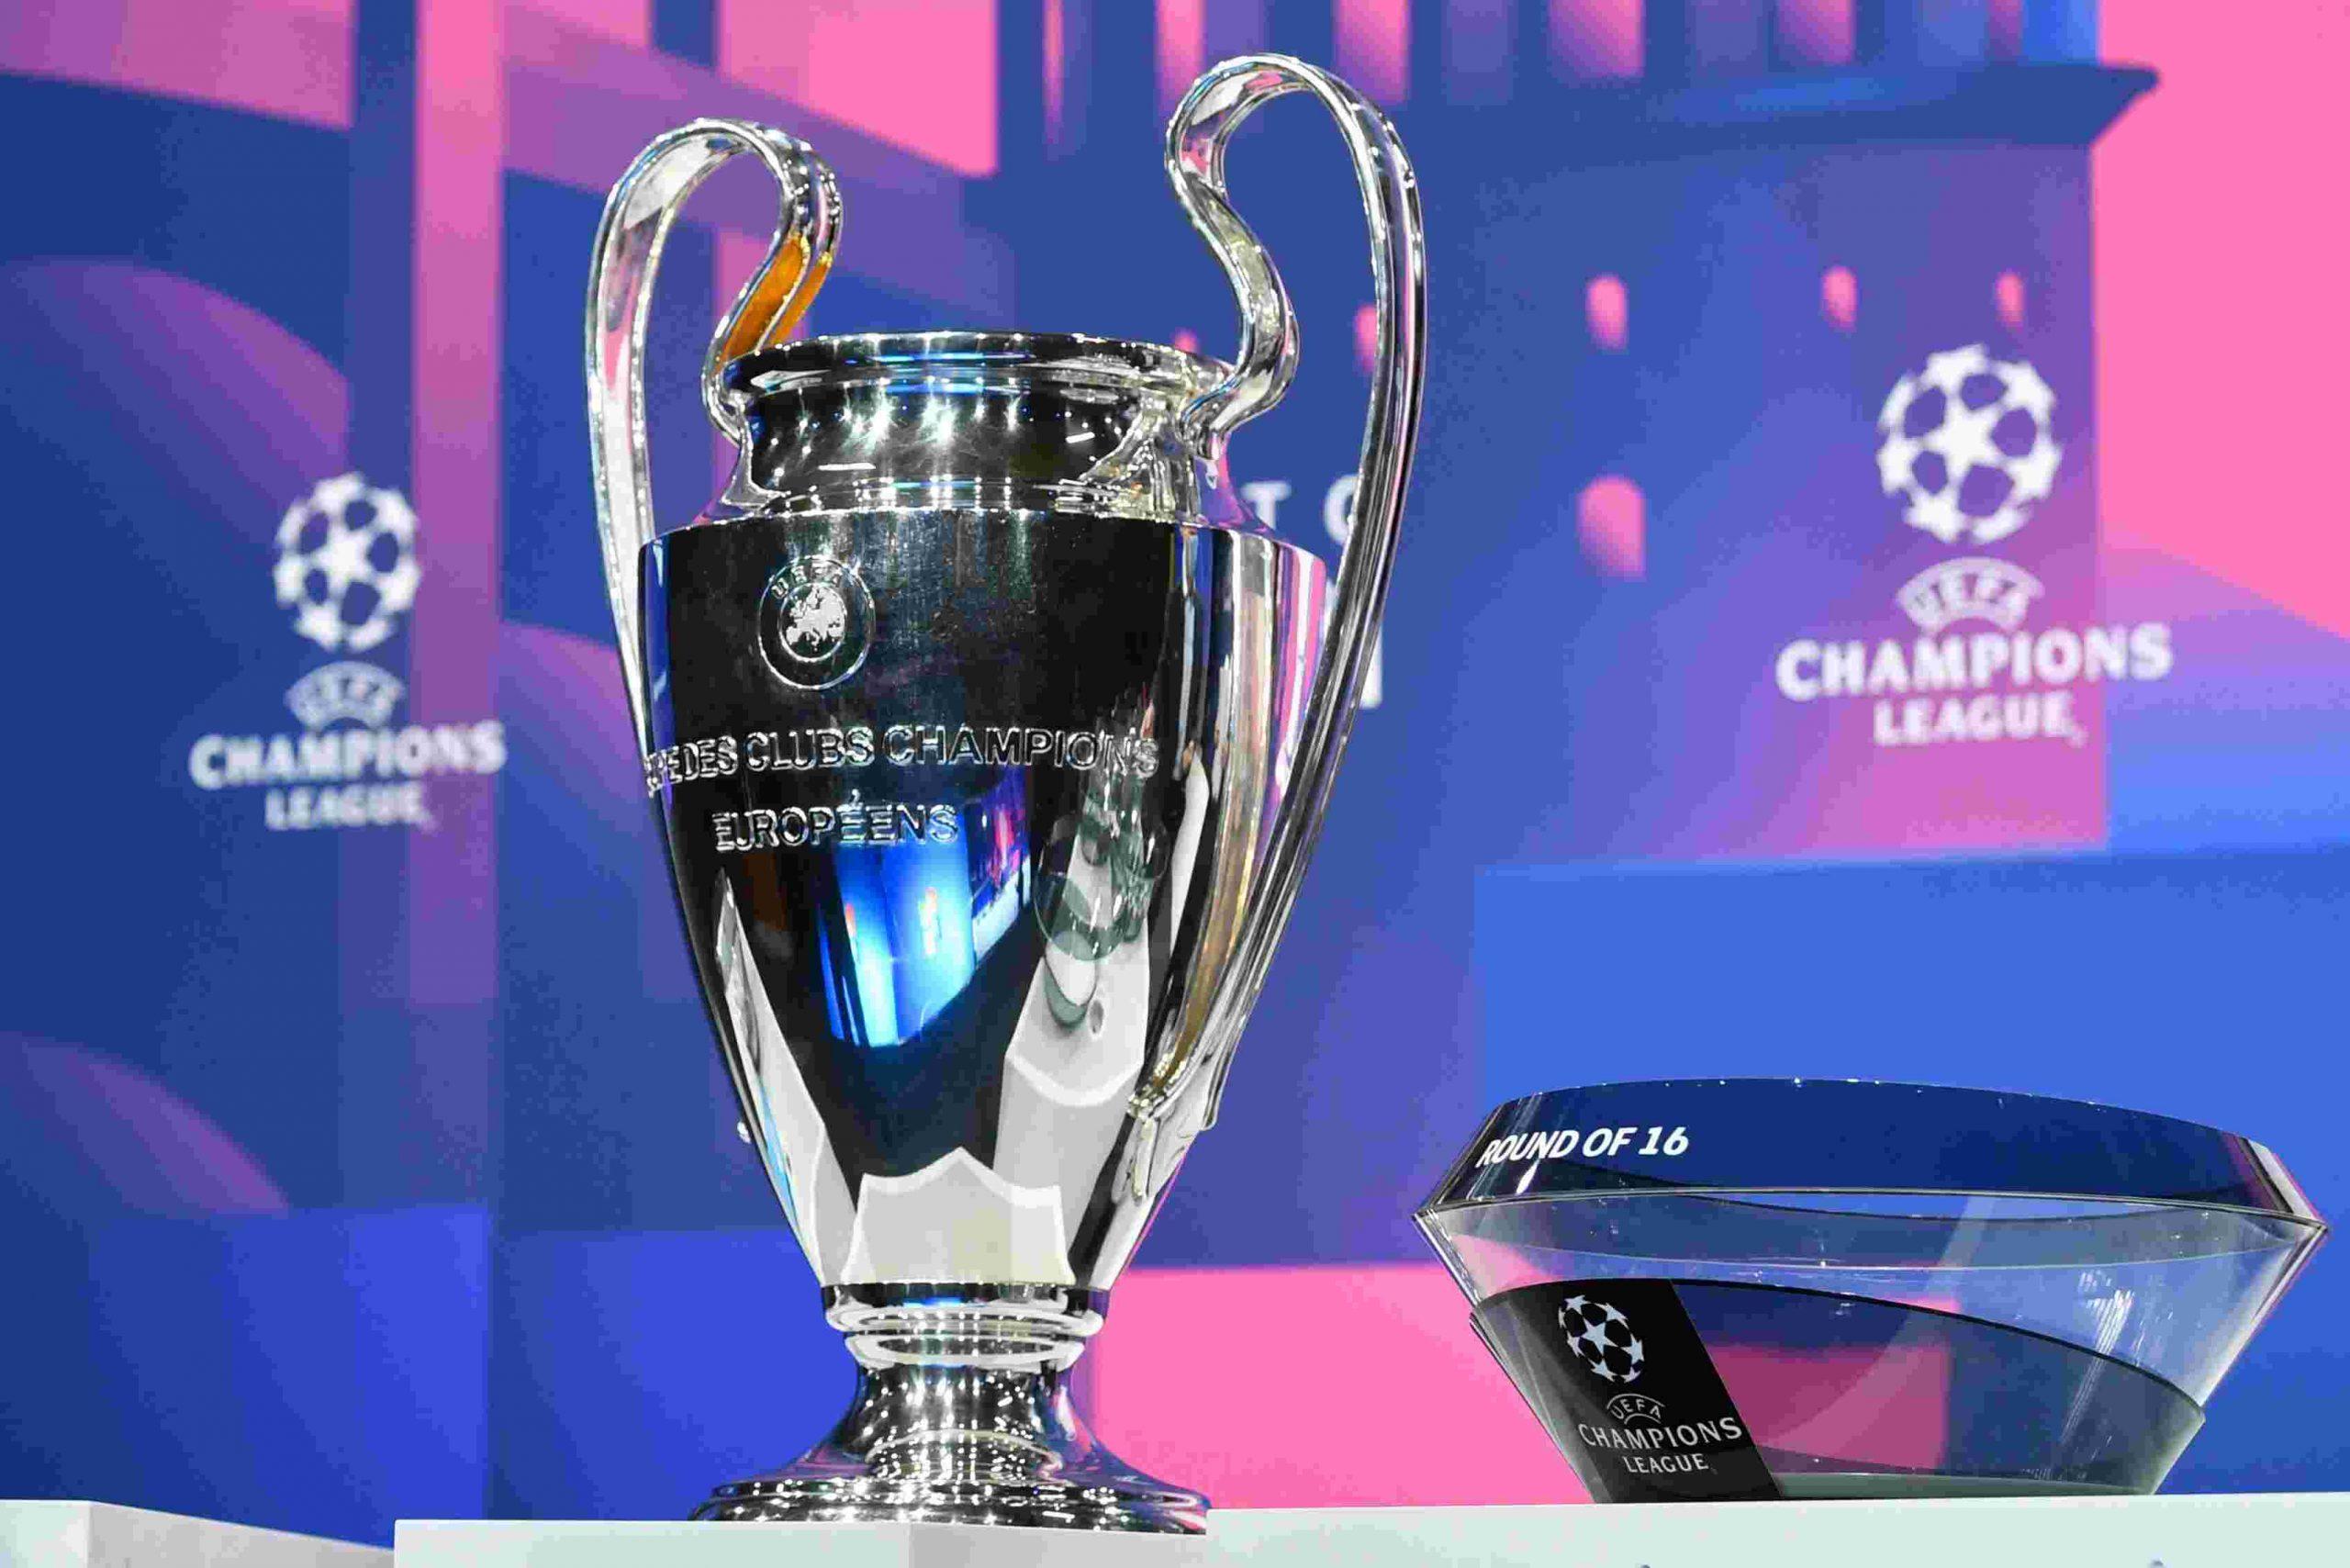 Определены города, которые в ближайшие четыре года примут у себя финал Лиги Чемпионов